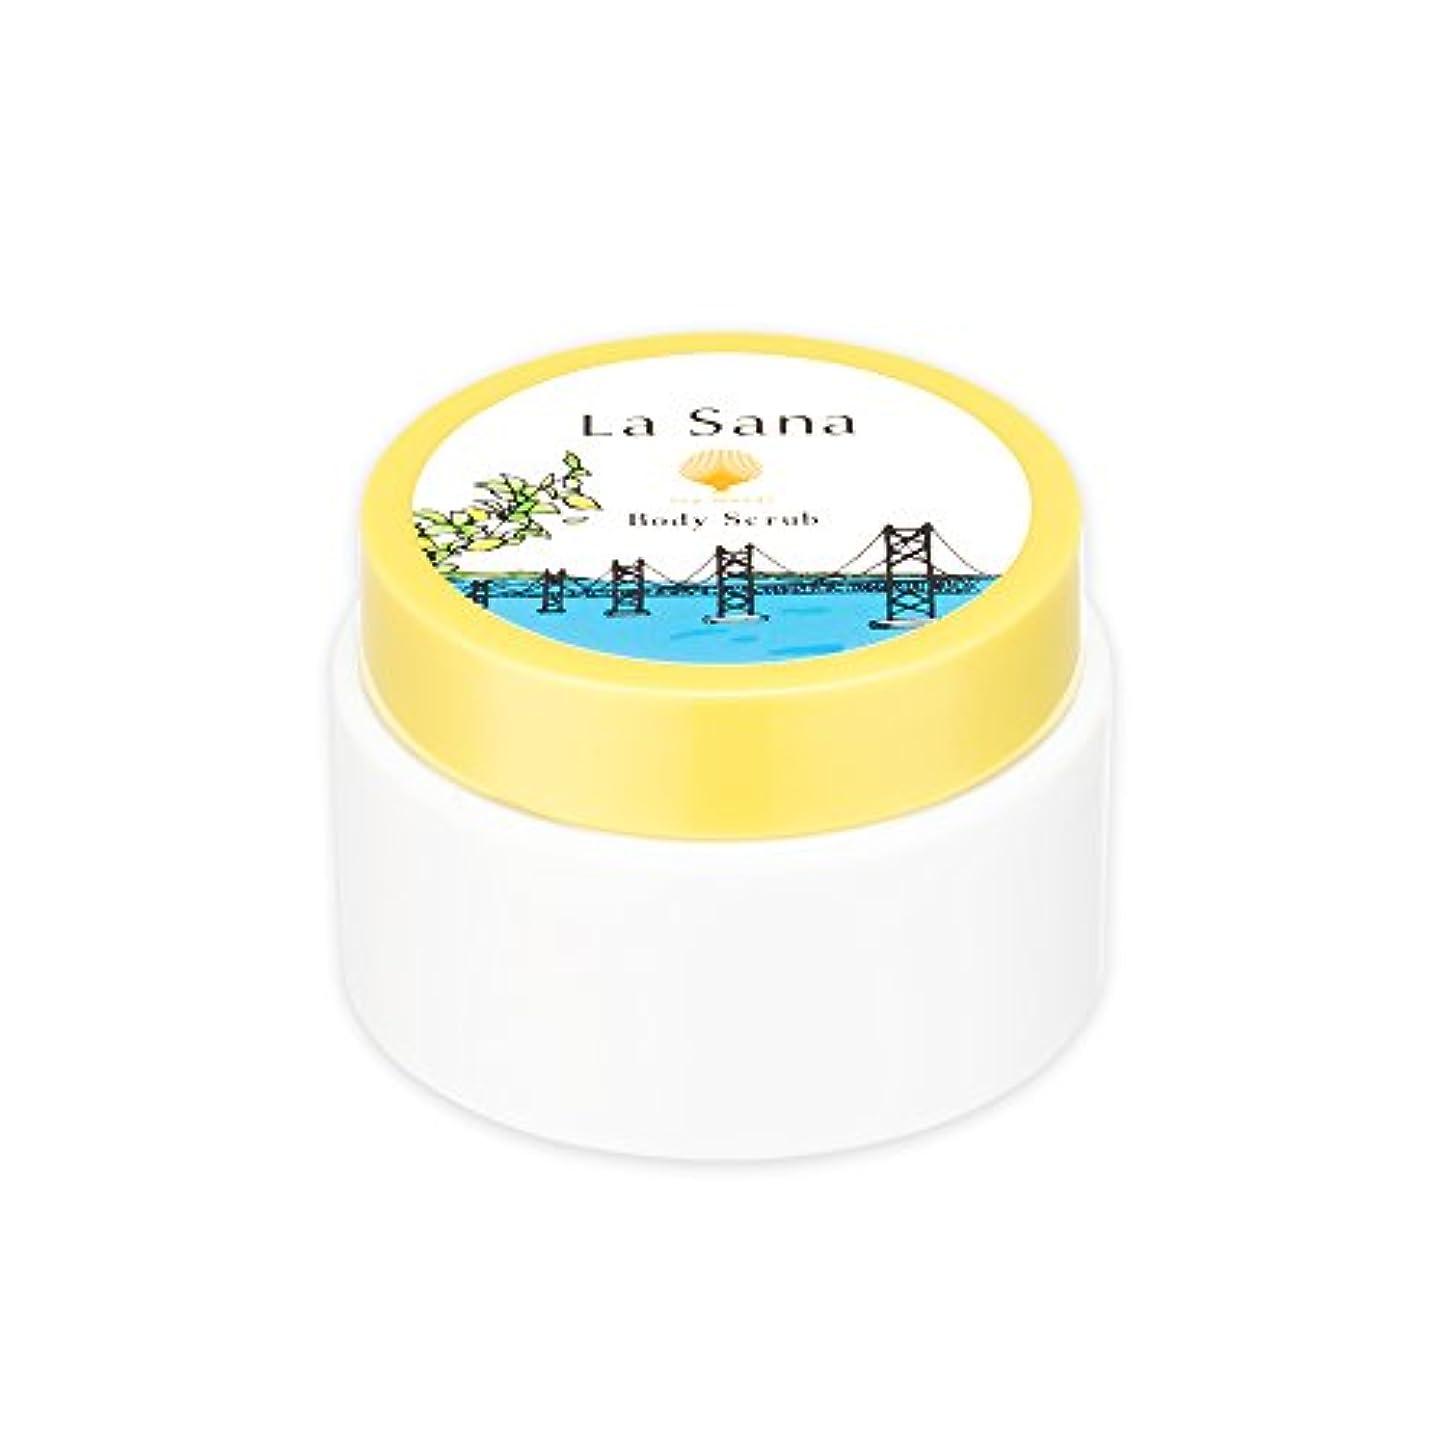 洞察力亜熱帯しなやかなラサーナ La sana 海藻 ボディ スクラブ 100g 限定 瀬戸内レモンの香り ボディケア 日本製 (約1ヵ月分)